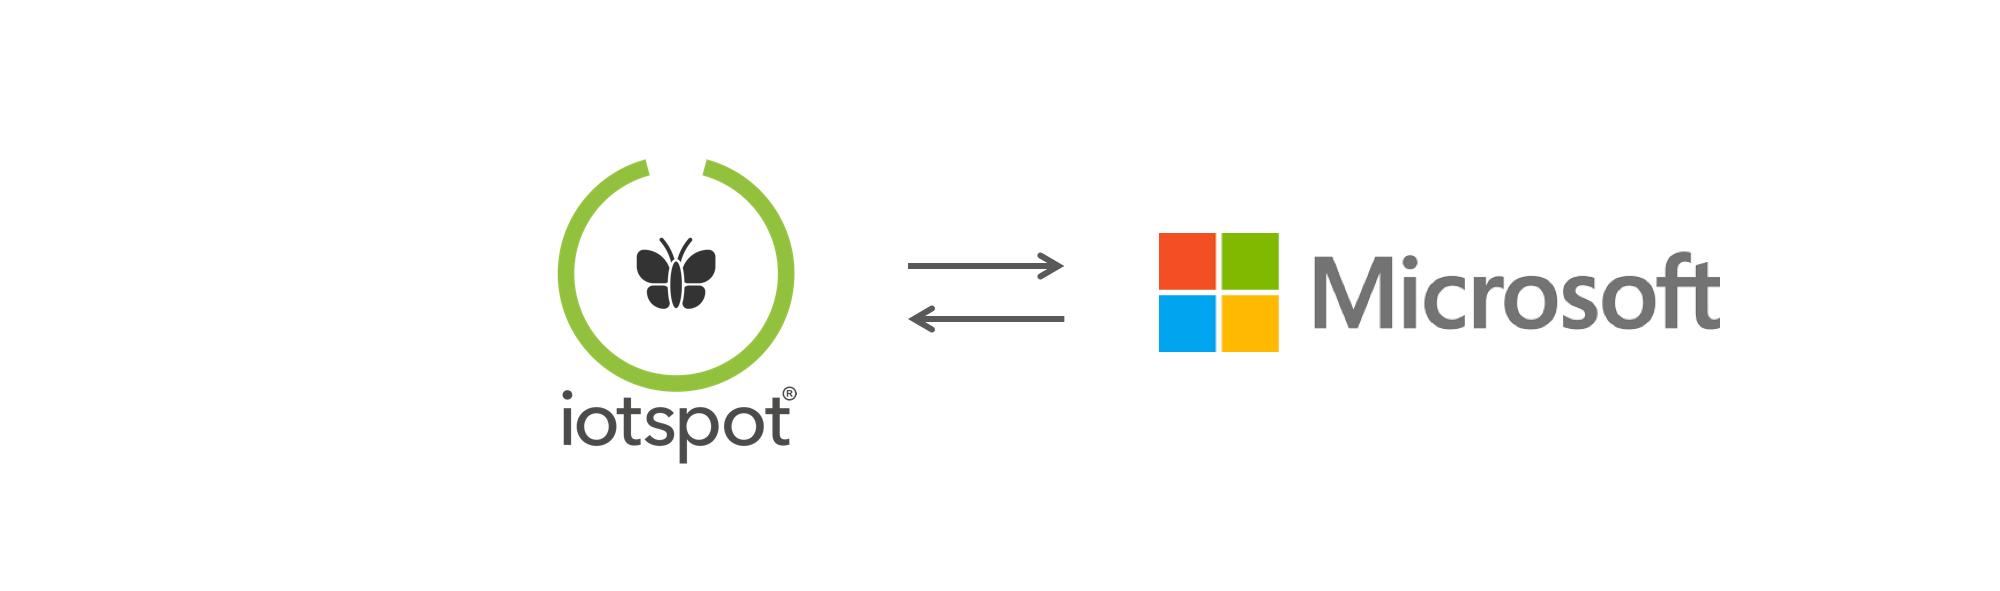 8. Integratie met Microsoft Outlook - Het synchroniseren van kamerreserveringen tussen iotspot en de agenda-applicatie van Microsoft Exchange of Microsoft 365 wordt mogelijk met deze feature.Configuratie en jaarprijs gebaseerd op custom aanvraag